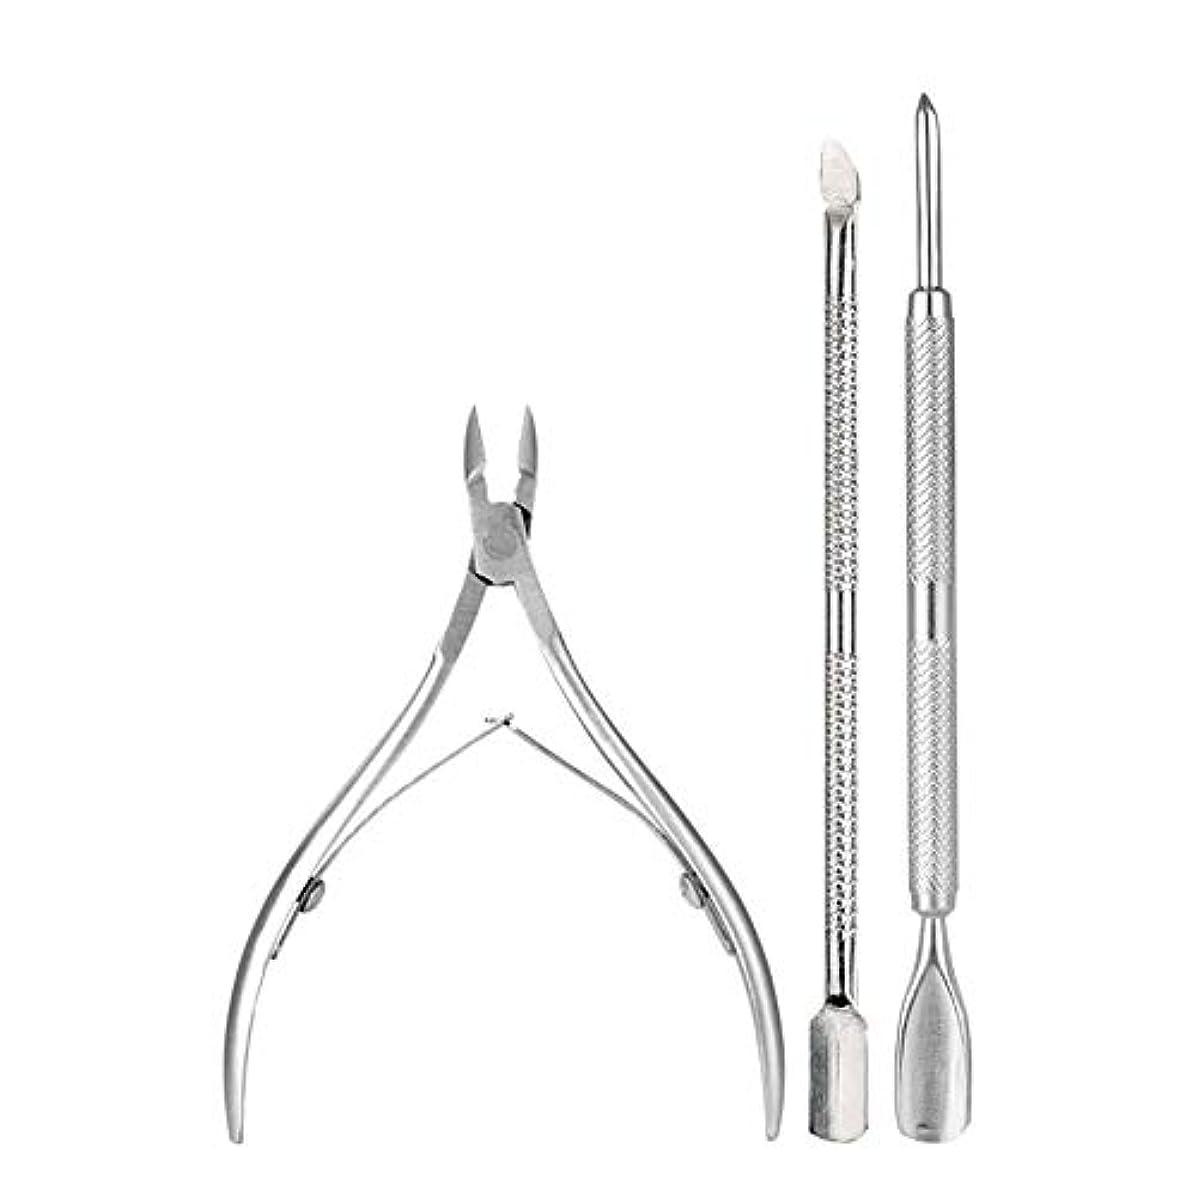 多様な一生ビヨンステンレス製の釘は死んだ皮膚ペンチクランプ爪クリッパーペディキュアツールは、1セットを設定削除する剥離します